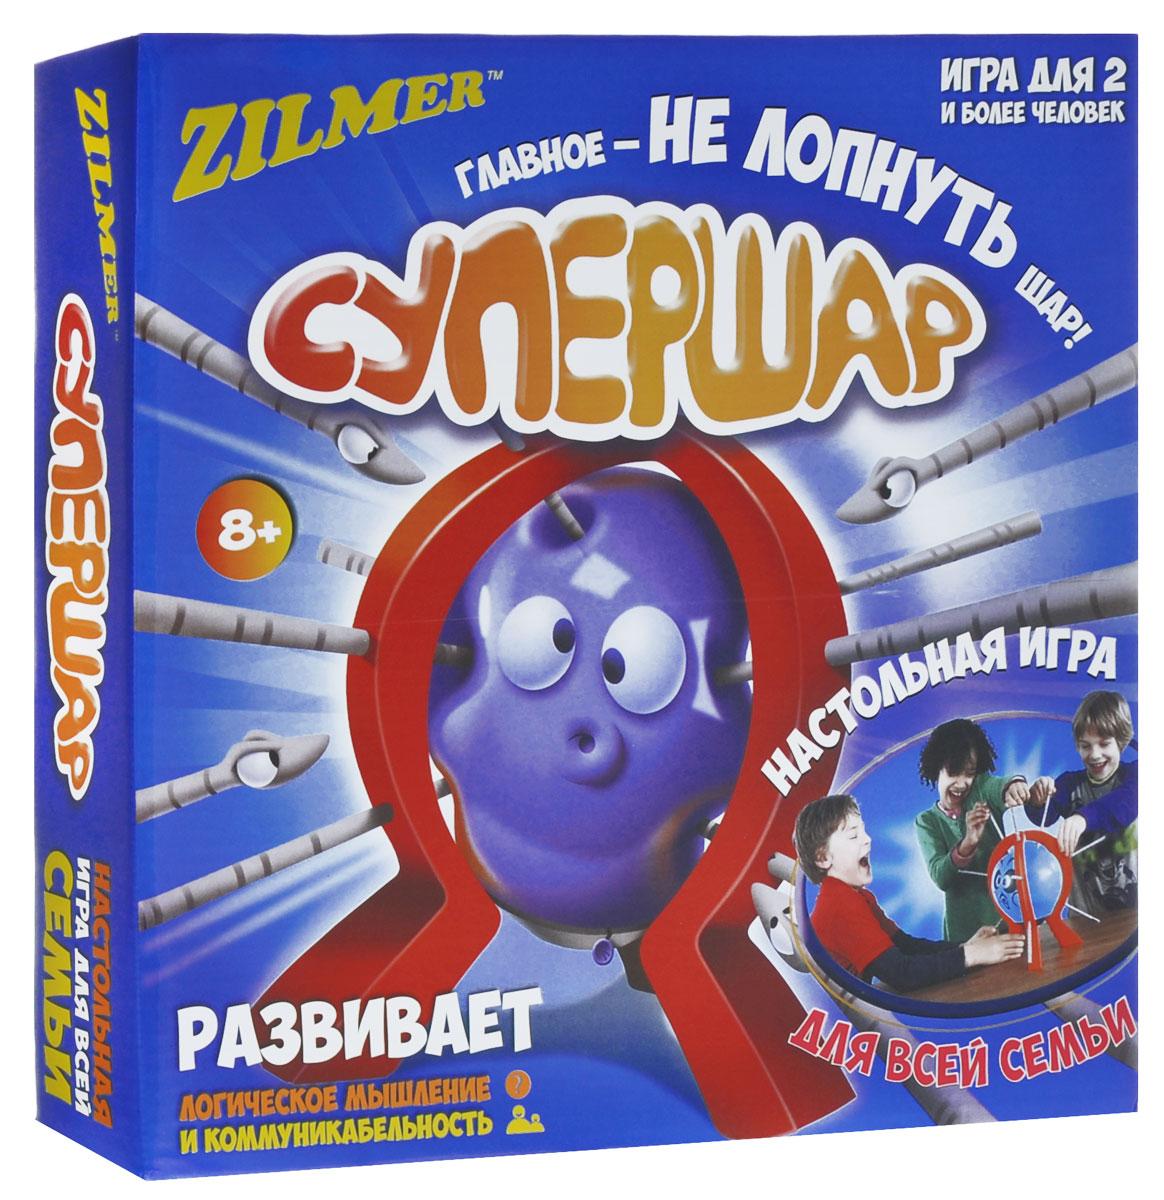 Zilmer Настольная игра СупершарZIL0501-001Супершар - это увлекательная игра, в которой вы должны сделать все возможное, чтобы шар не лопнул. Вставьте палочку до щелчка в отверстия на подножке. Шар начинает менять форму от каждого прикосновения. Главное, чтобы он не лопнул! Игроки по очереди вставляют палочки в надутый шарик, закрепленный на подставке. Проигрывает игрок, у которого шар лопнет. Игра развивает логическое мышление и коммуникабельность. В наборе: игровая рамка для шарика (3 подножки, подставка, крепеж), 10 шариков с нарисованными рожицами, 9 палочек, игральная кость, инструкция.